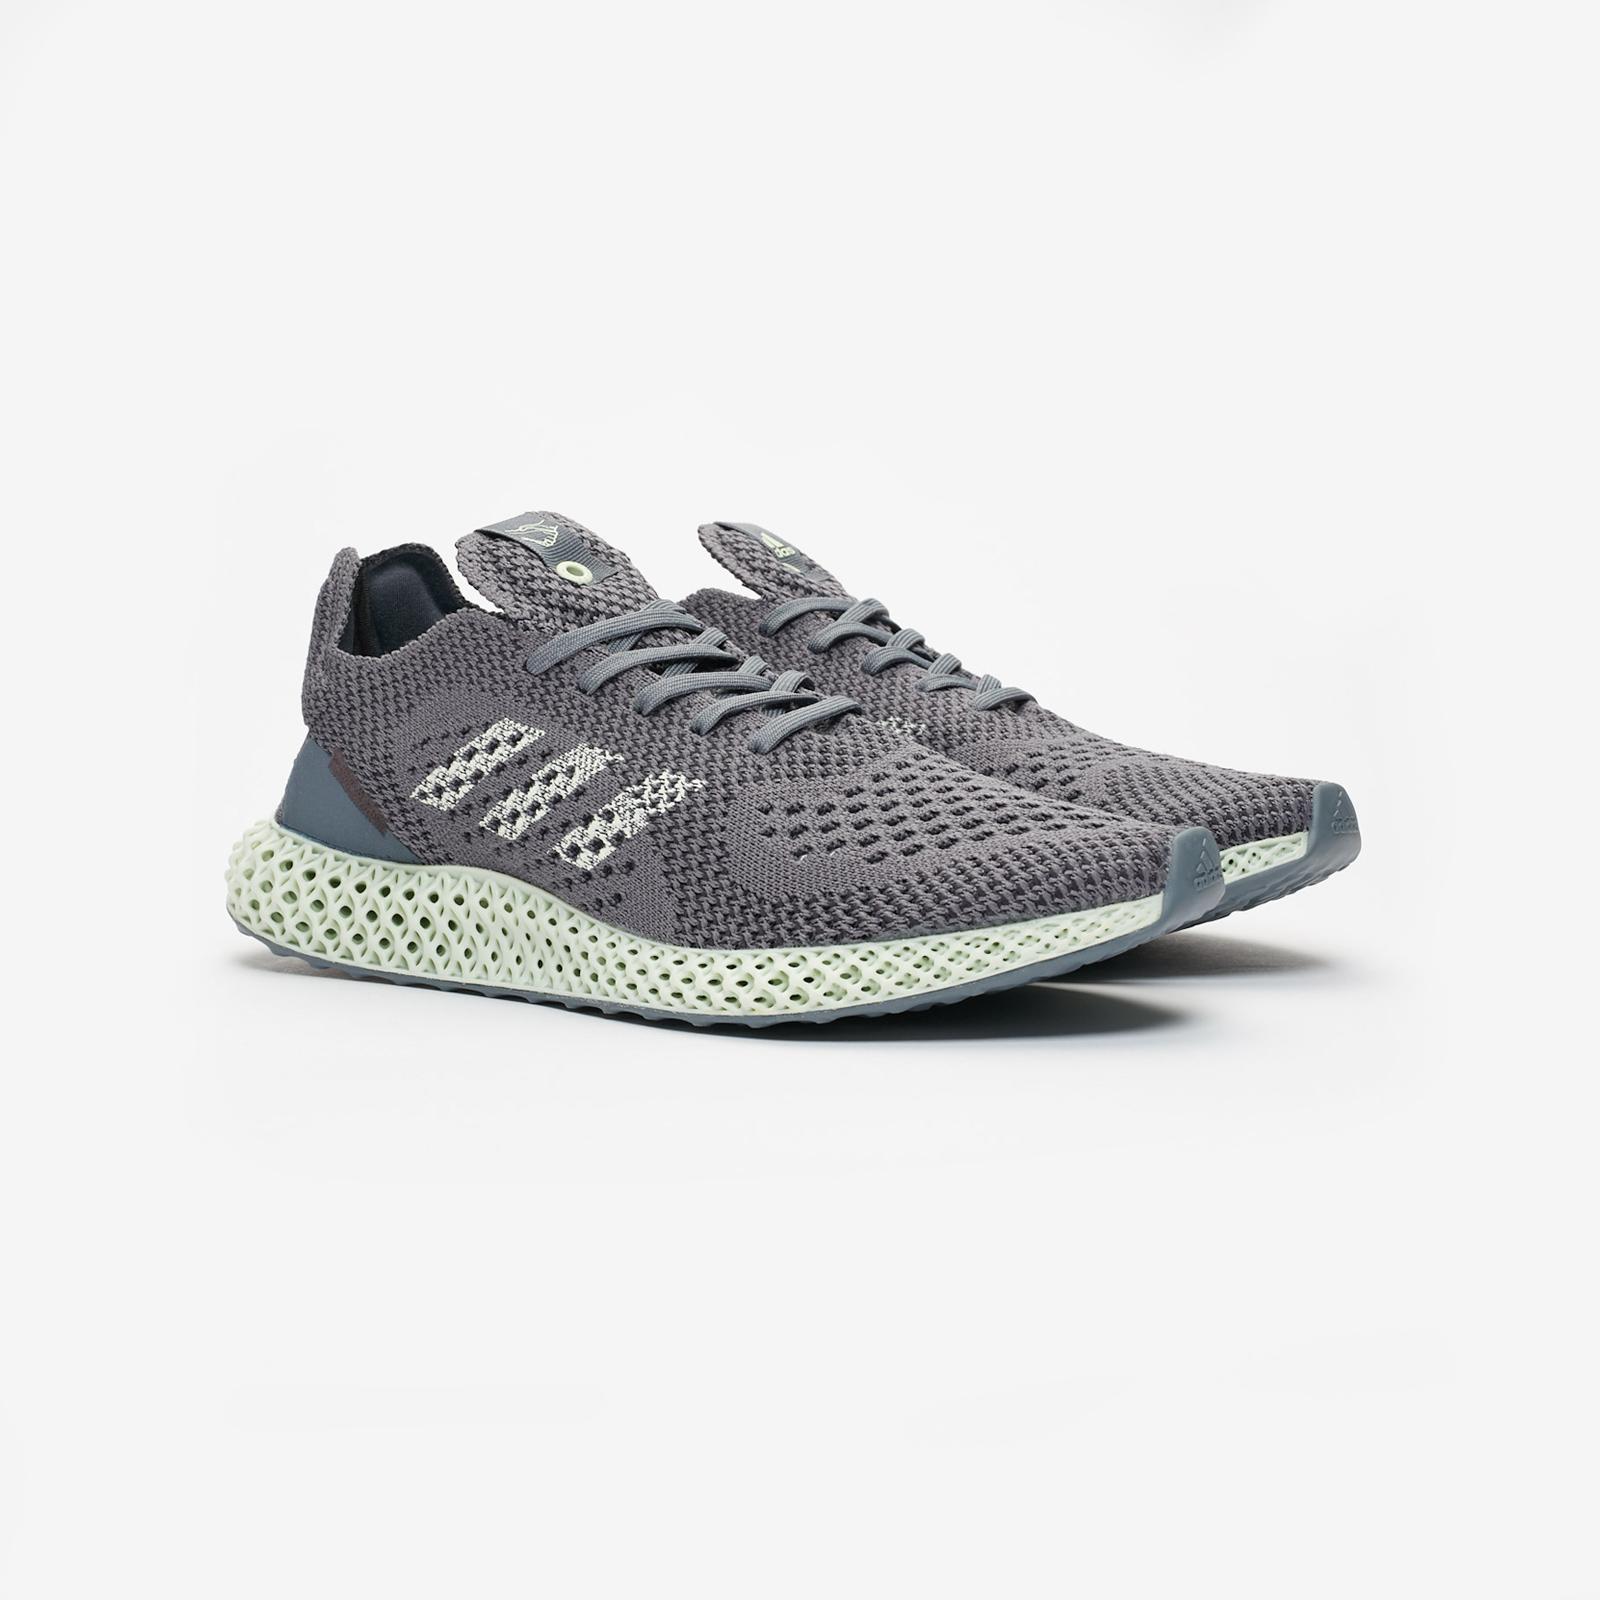 check out a1e63 5979d adidas Consortium Runner 4D